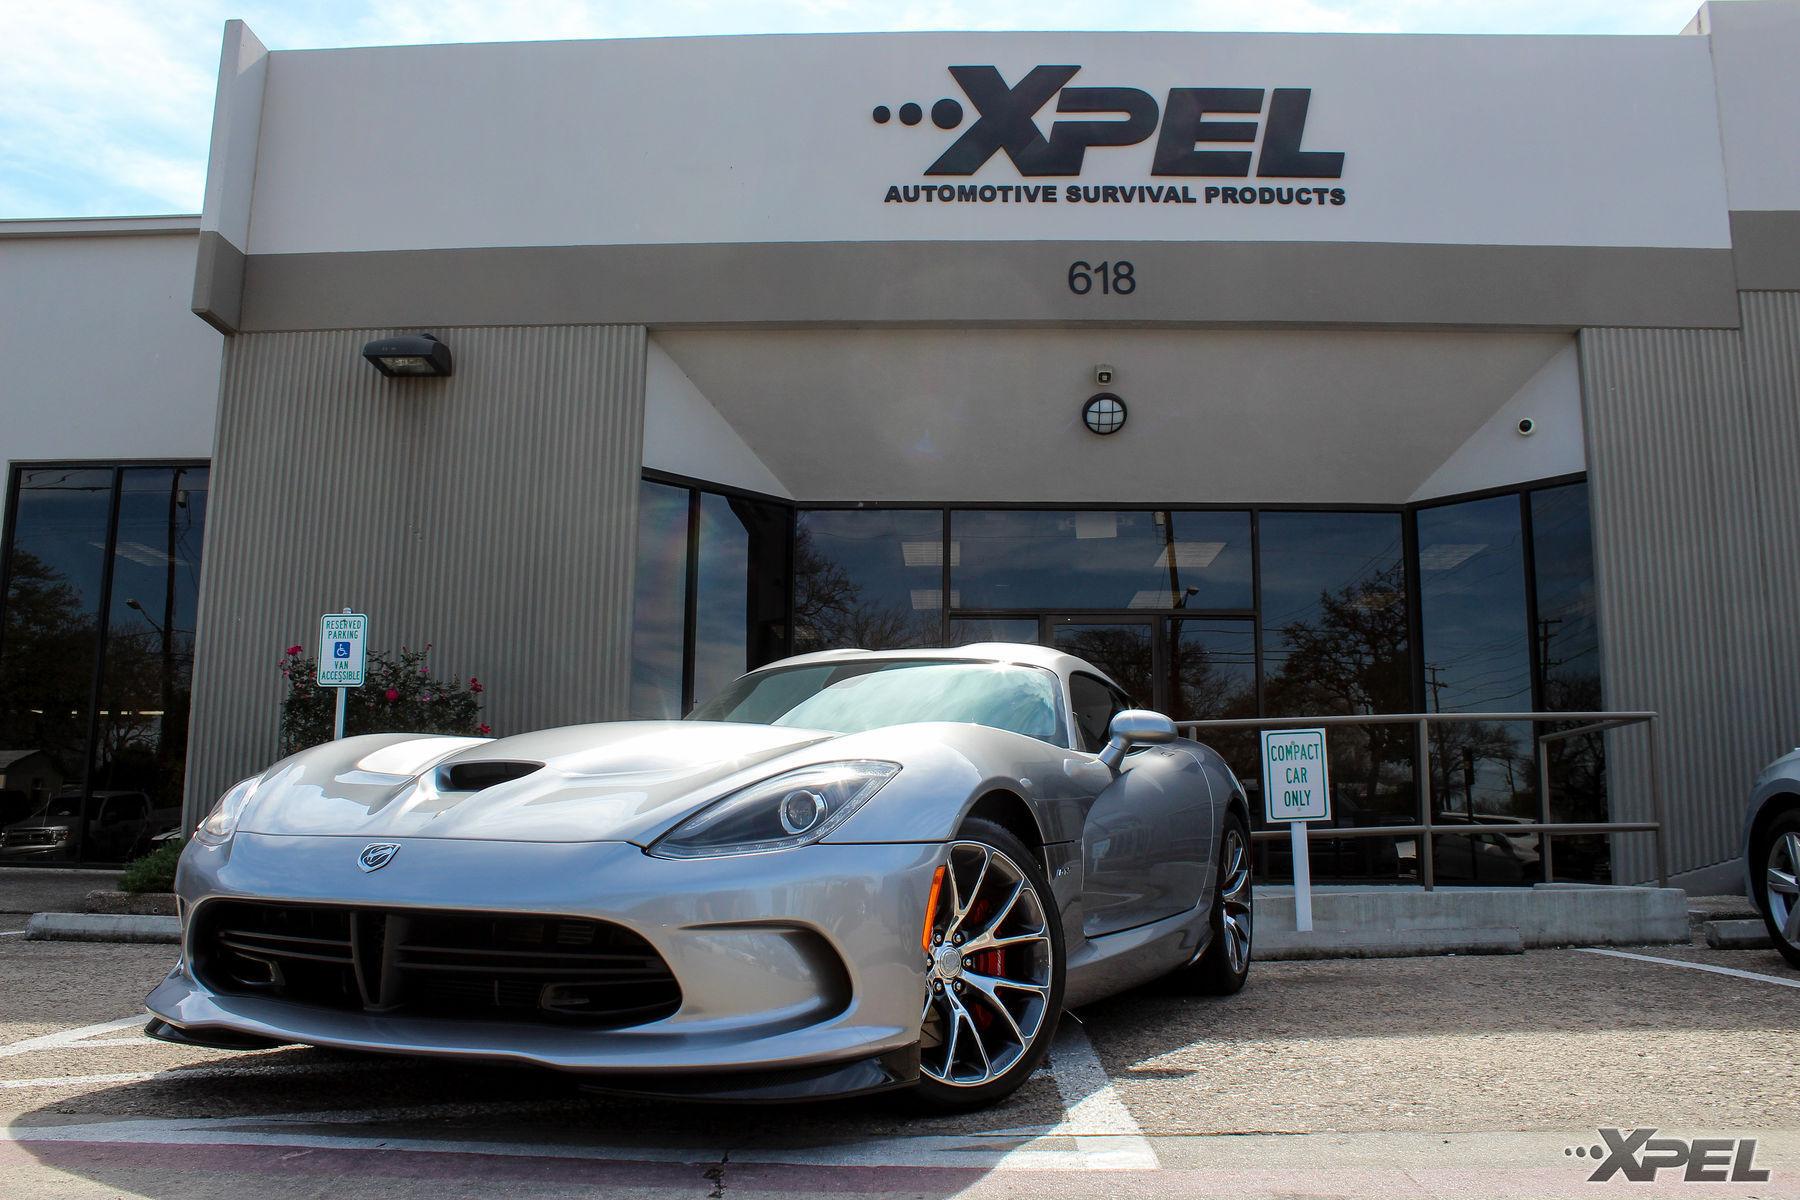 2016 Dodge SRT Viper | 2014 Dodge VIPER SRT GTS